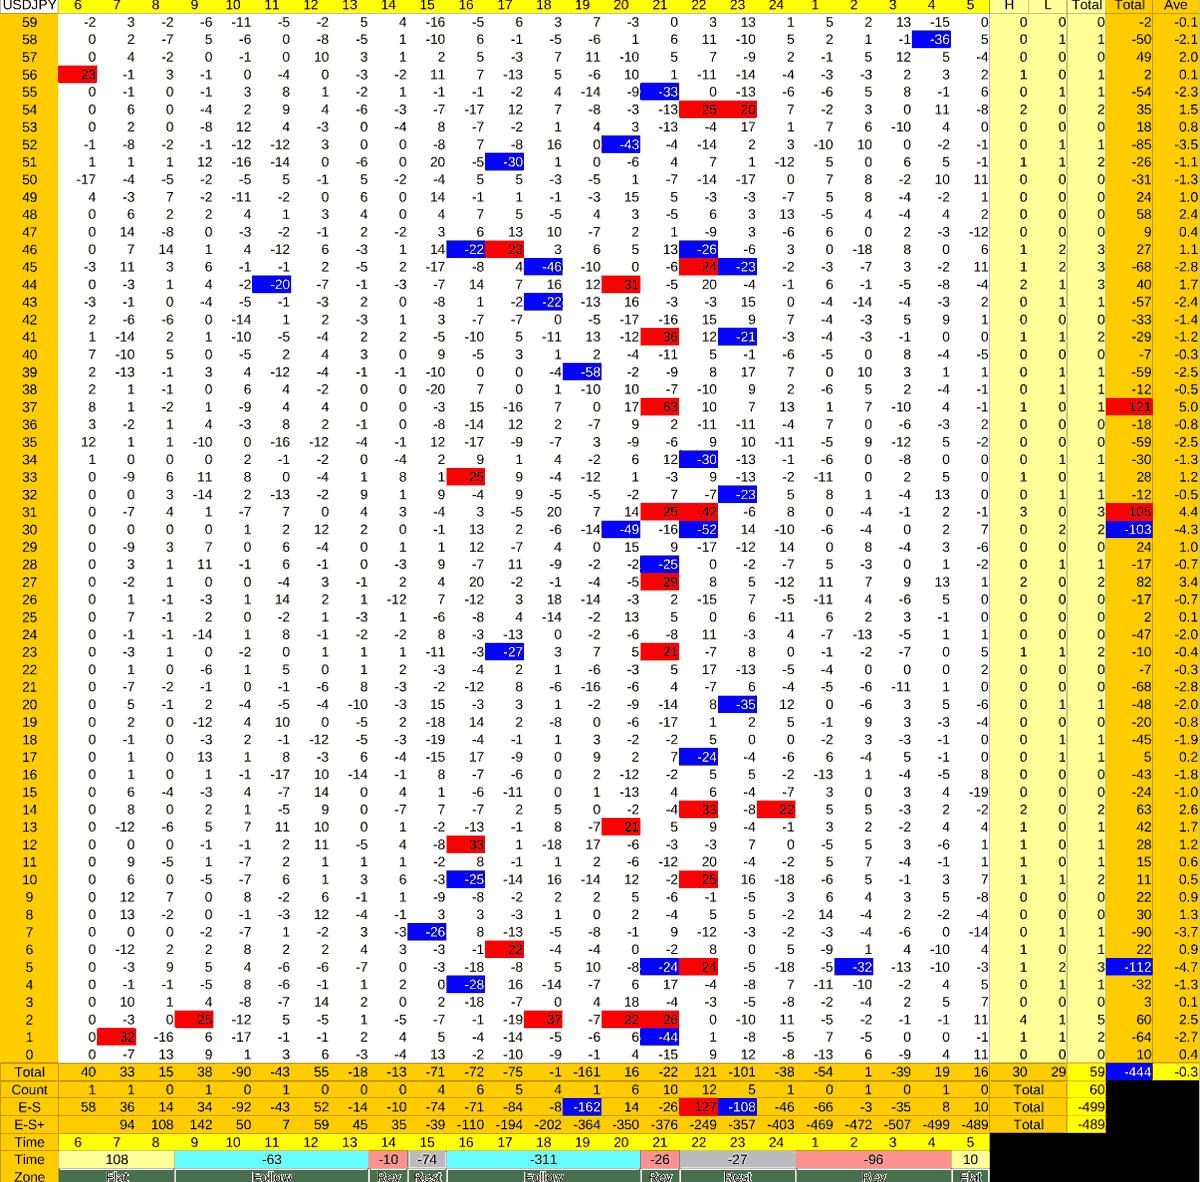 20210920_HS(1)USDJPY-min